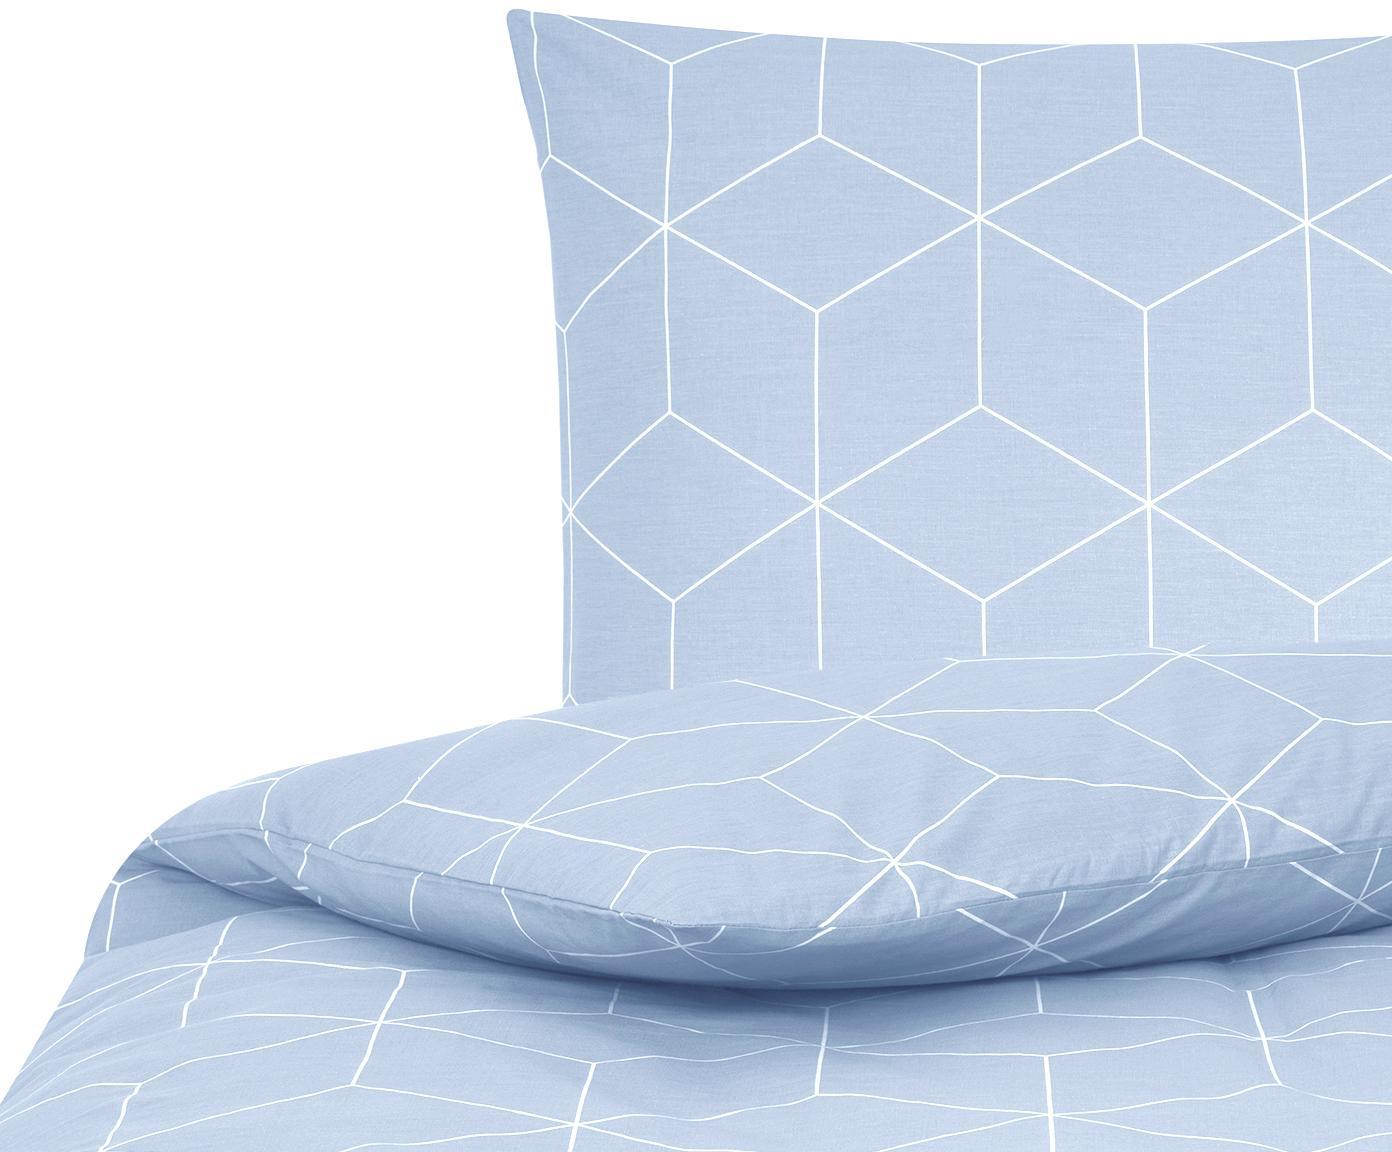 Baumwoll-Bettwäsche Lynn mit grafischem Muster, Webart: Renforcé Fadendichte 144 , Hellblau, Cremeweiß, 135 x 200 cm + 1 Kissen 80 x 80 cm